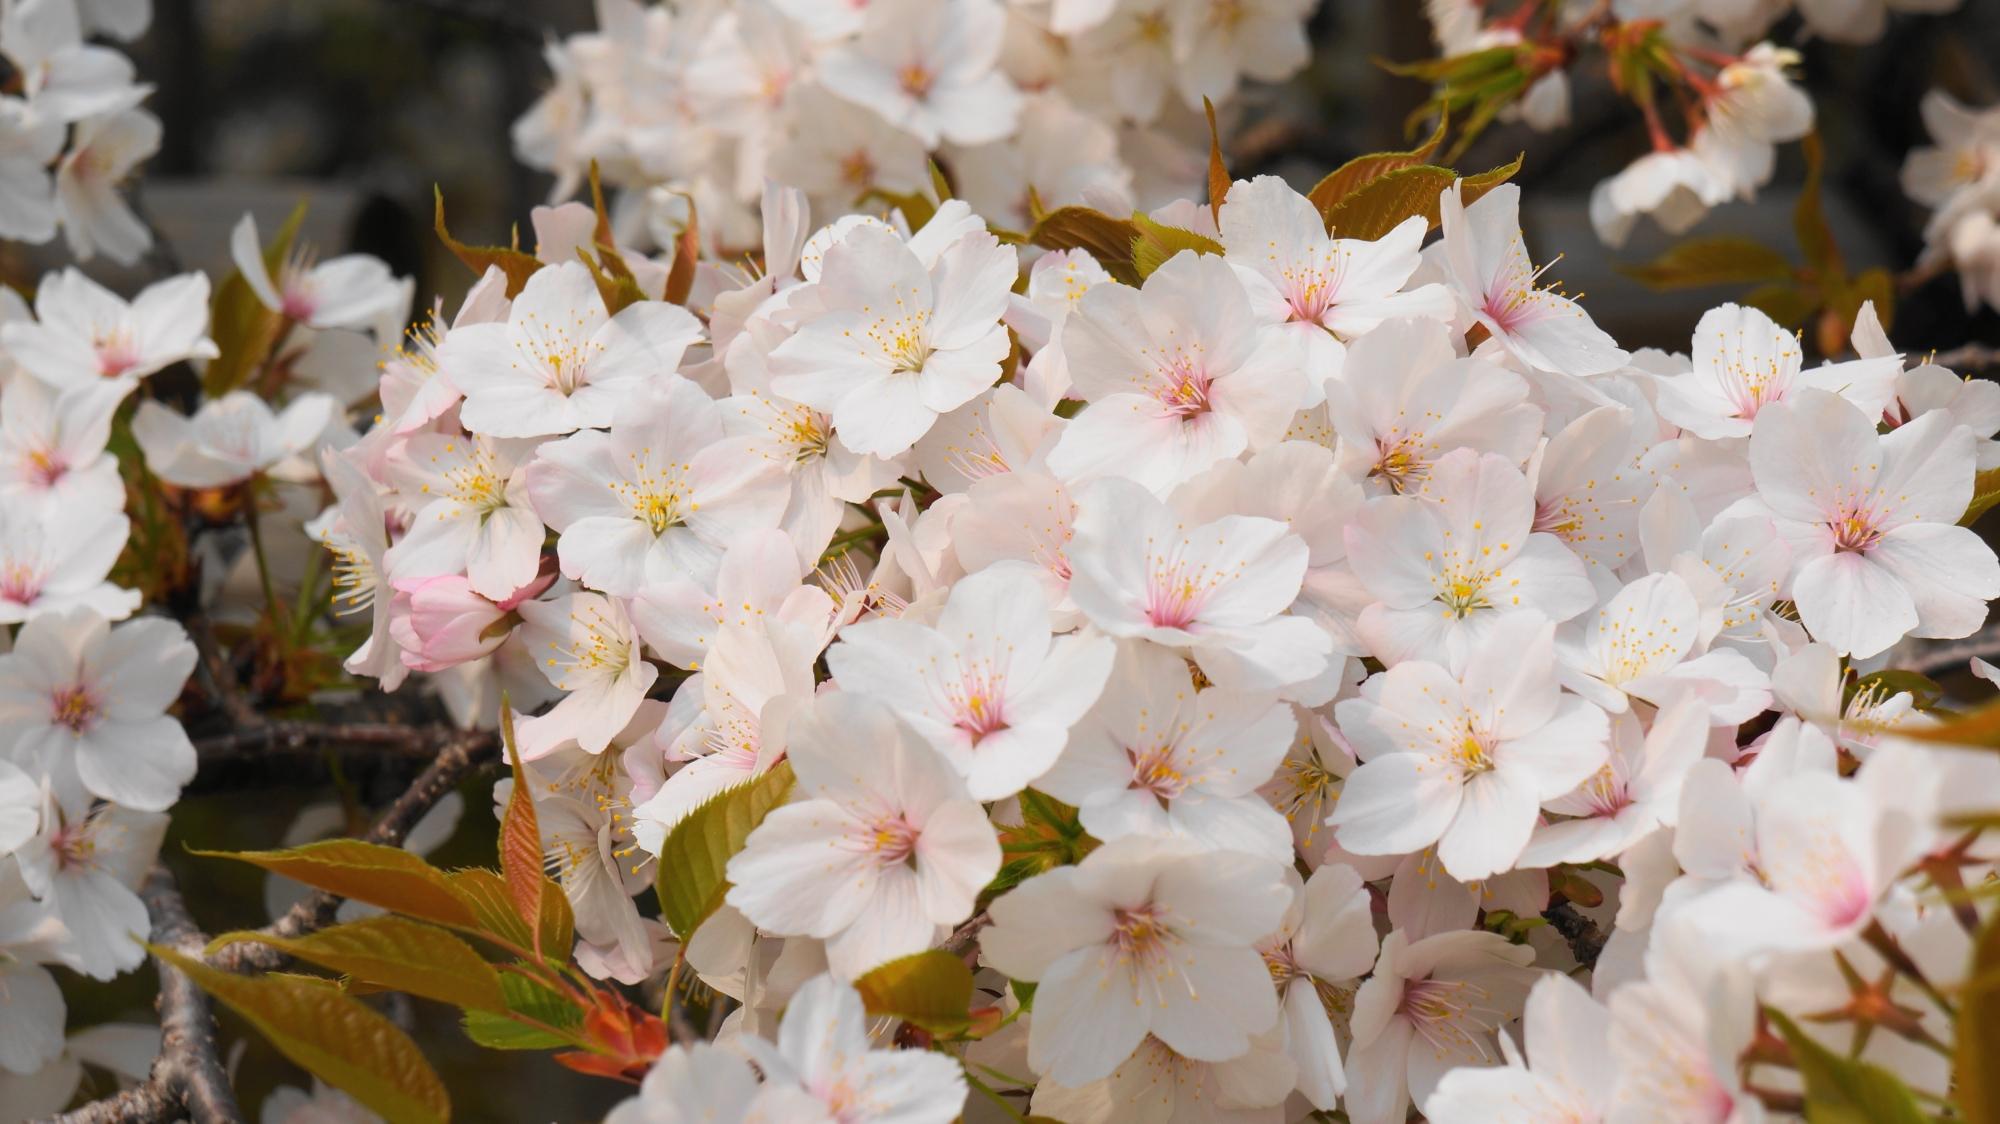 真っ白の花から淡いピンクや薄いピンクの花まで咲く千眼桜